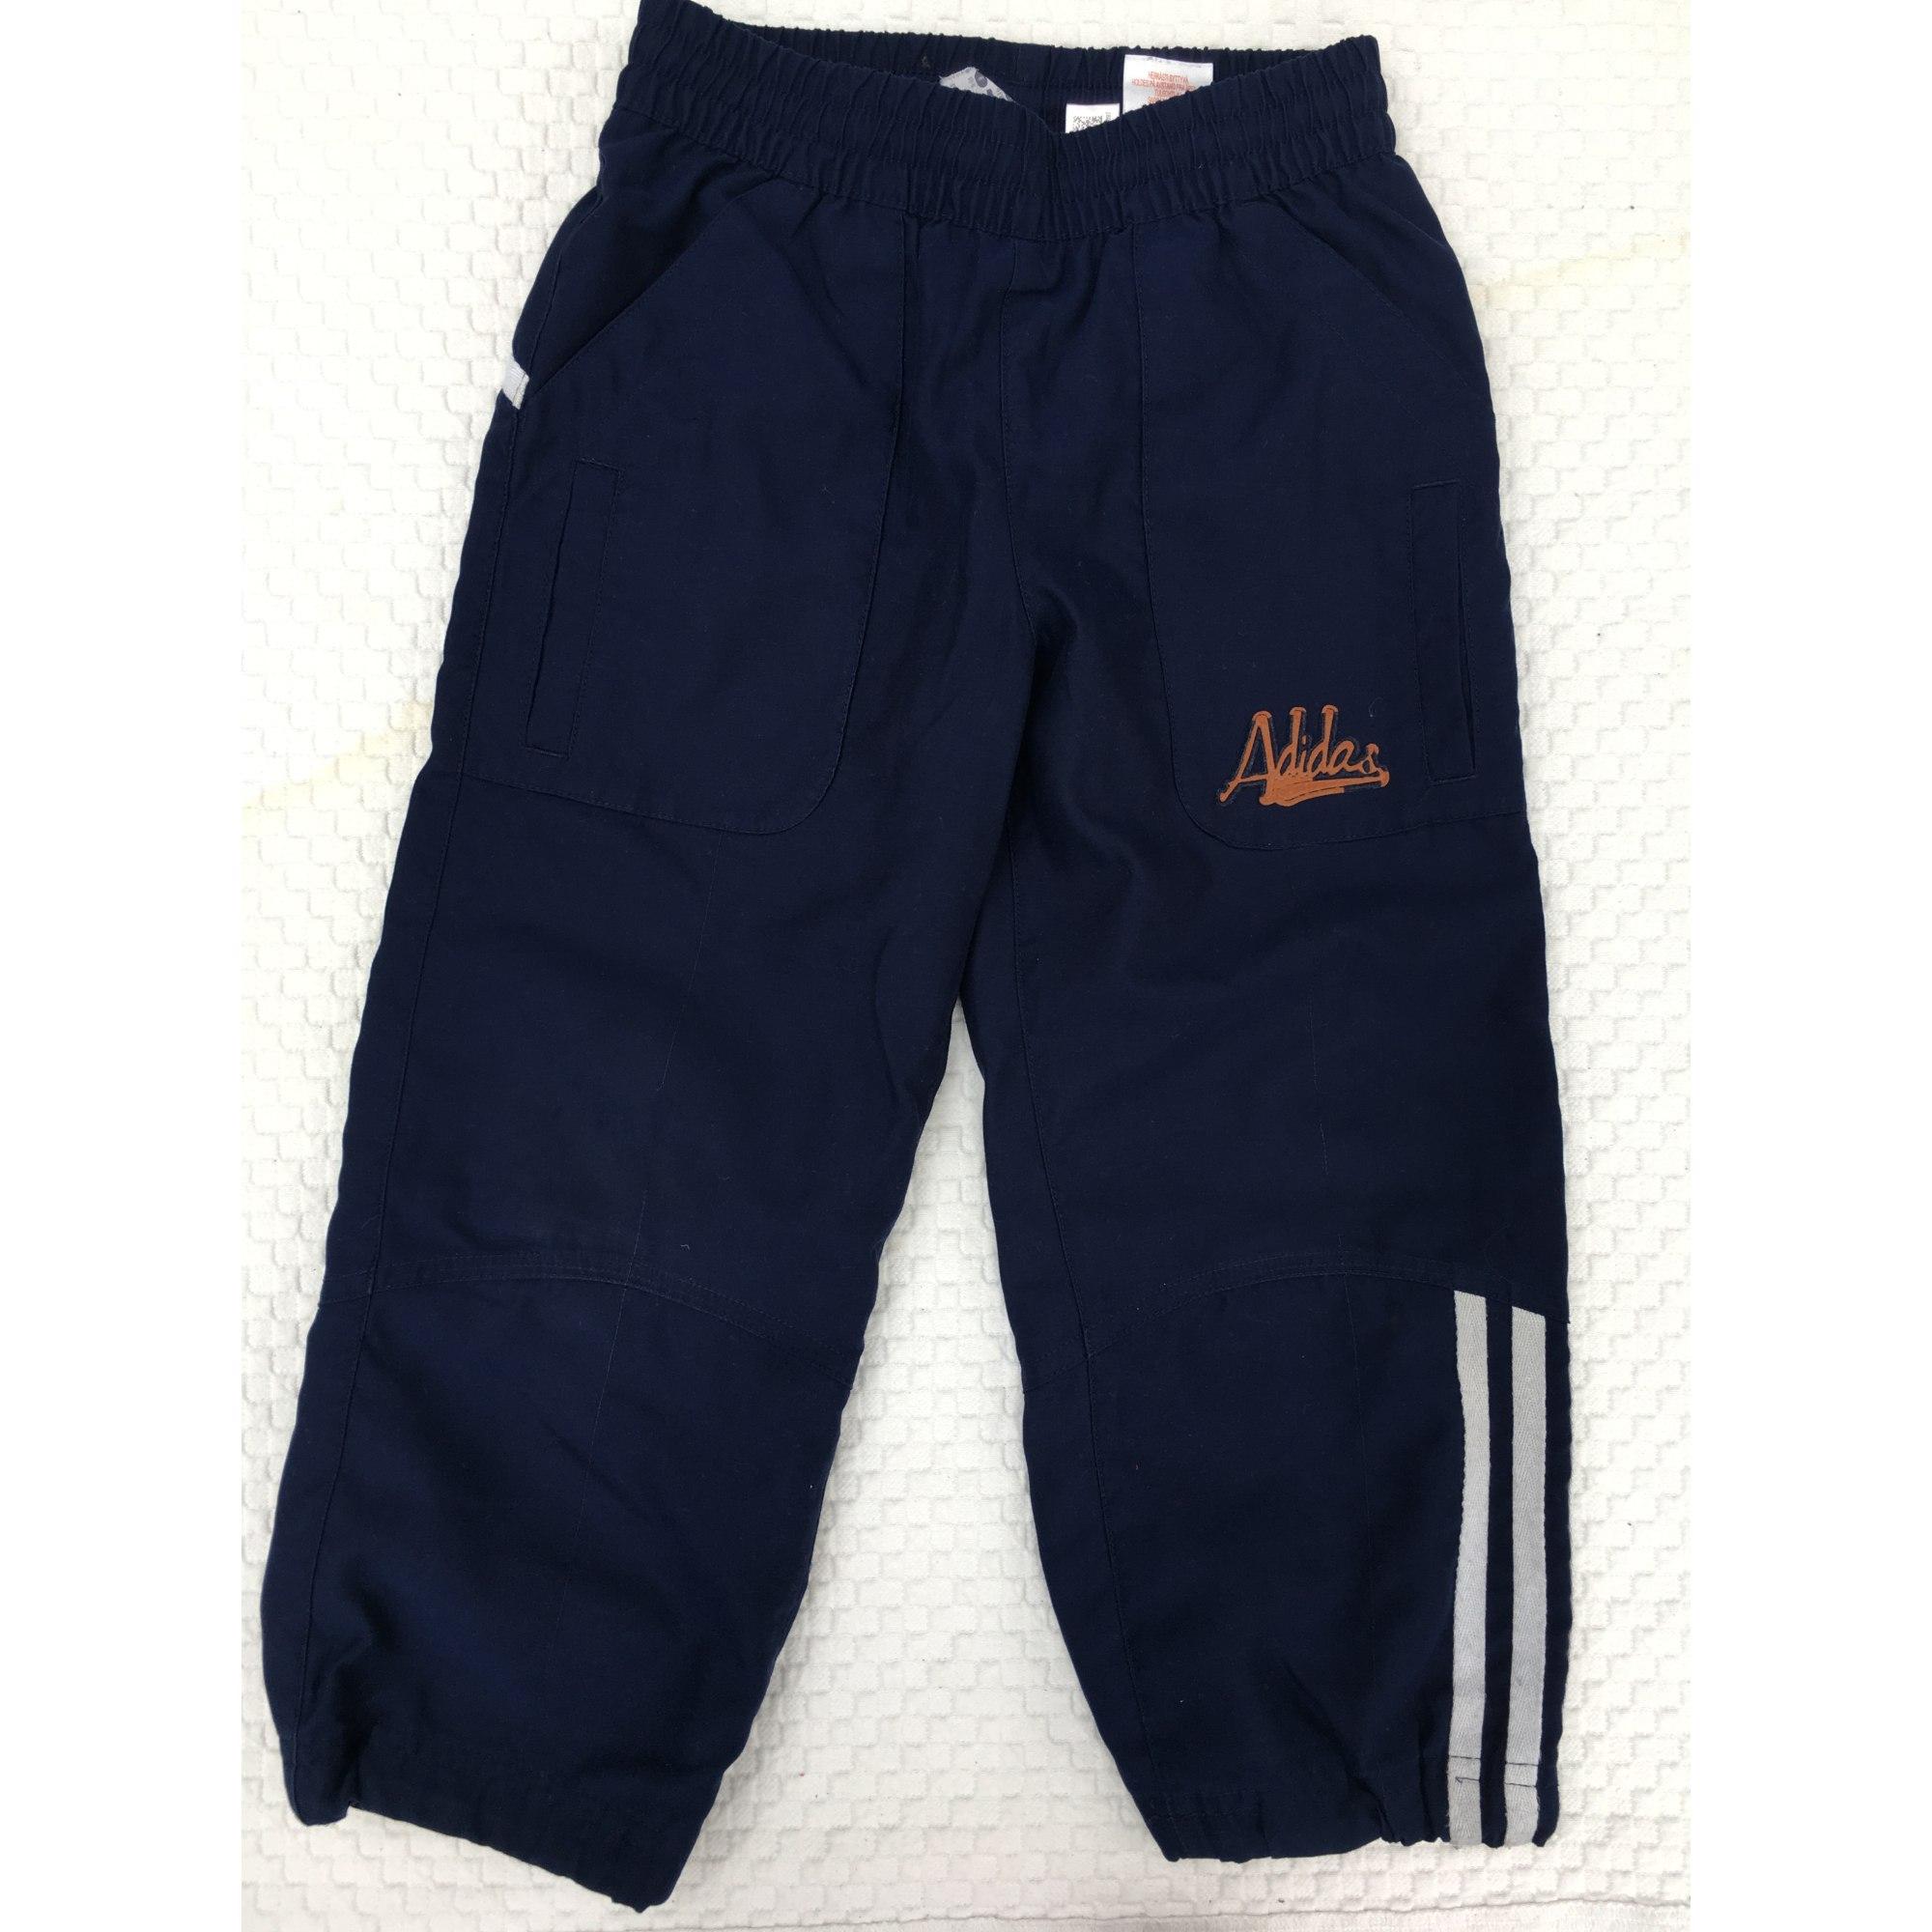 38c2fcf4950c0 Pantalon de survêtement ADIDAS 3-4 ans bleu - 6163602